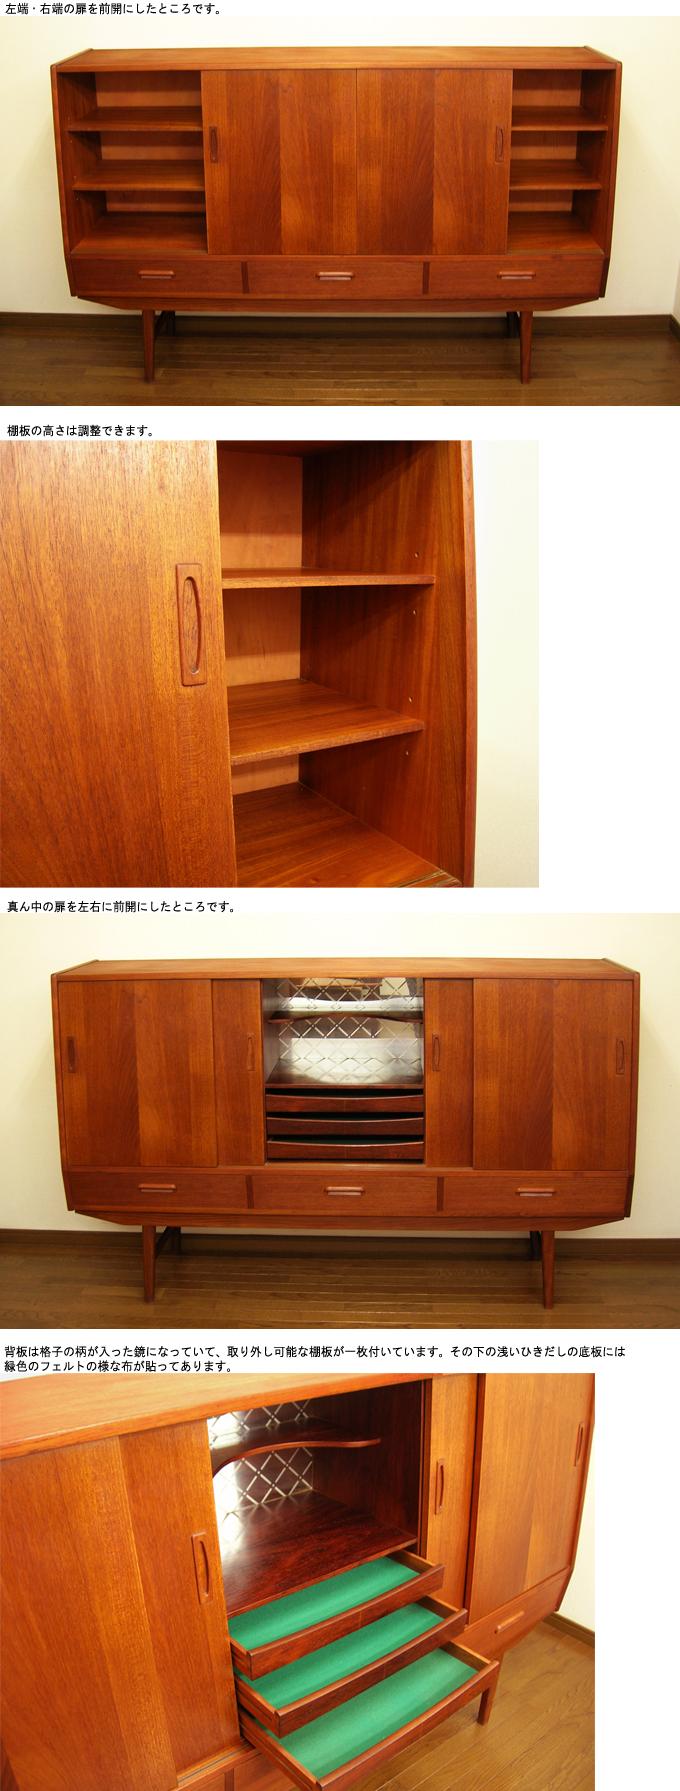 チーク・サイドボード内部amber designビンテージ北欧中古家具アンティーク雑貨通販アンバーデザイン